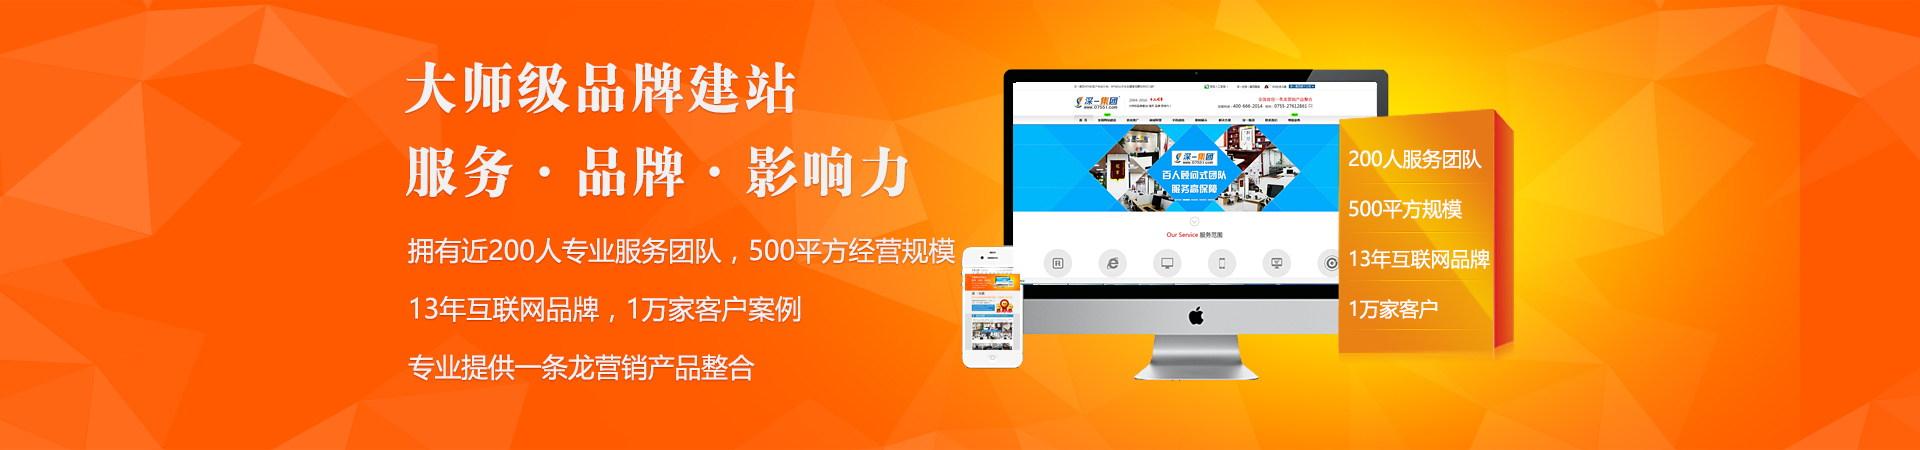 甘南州网络公司